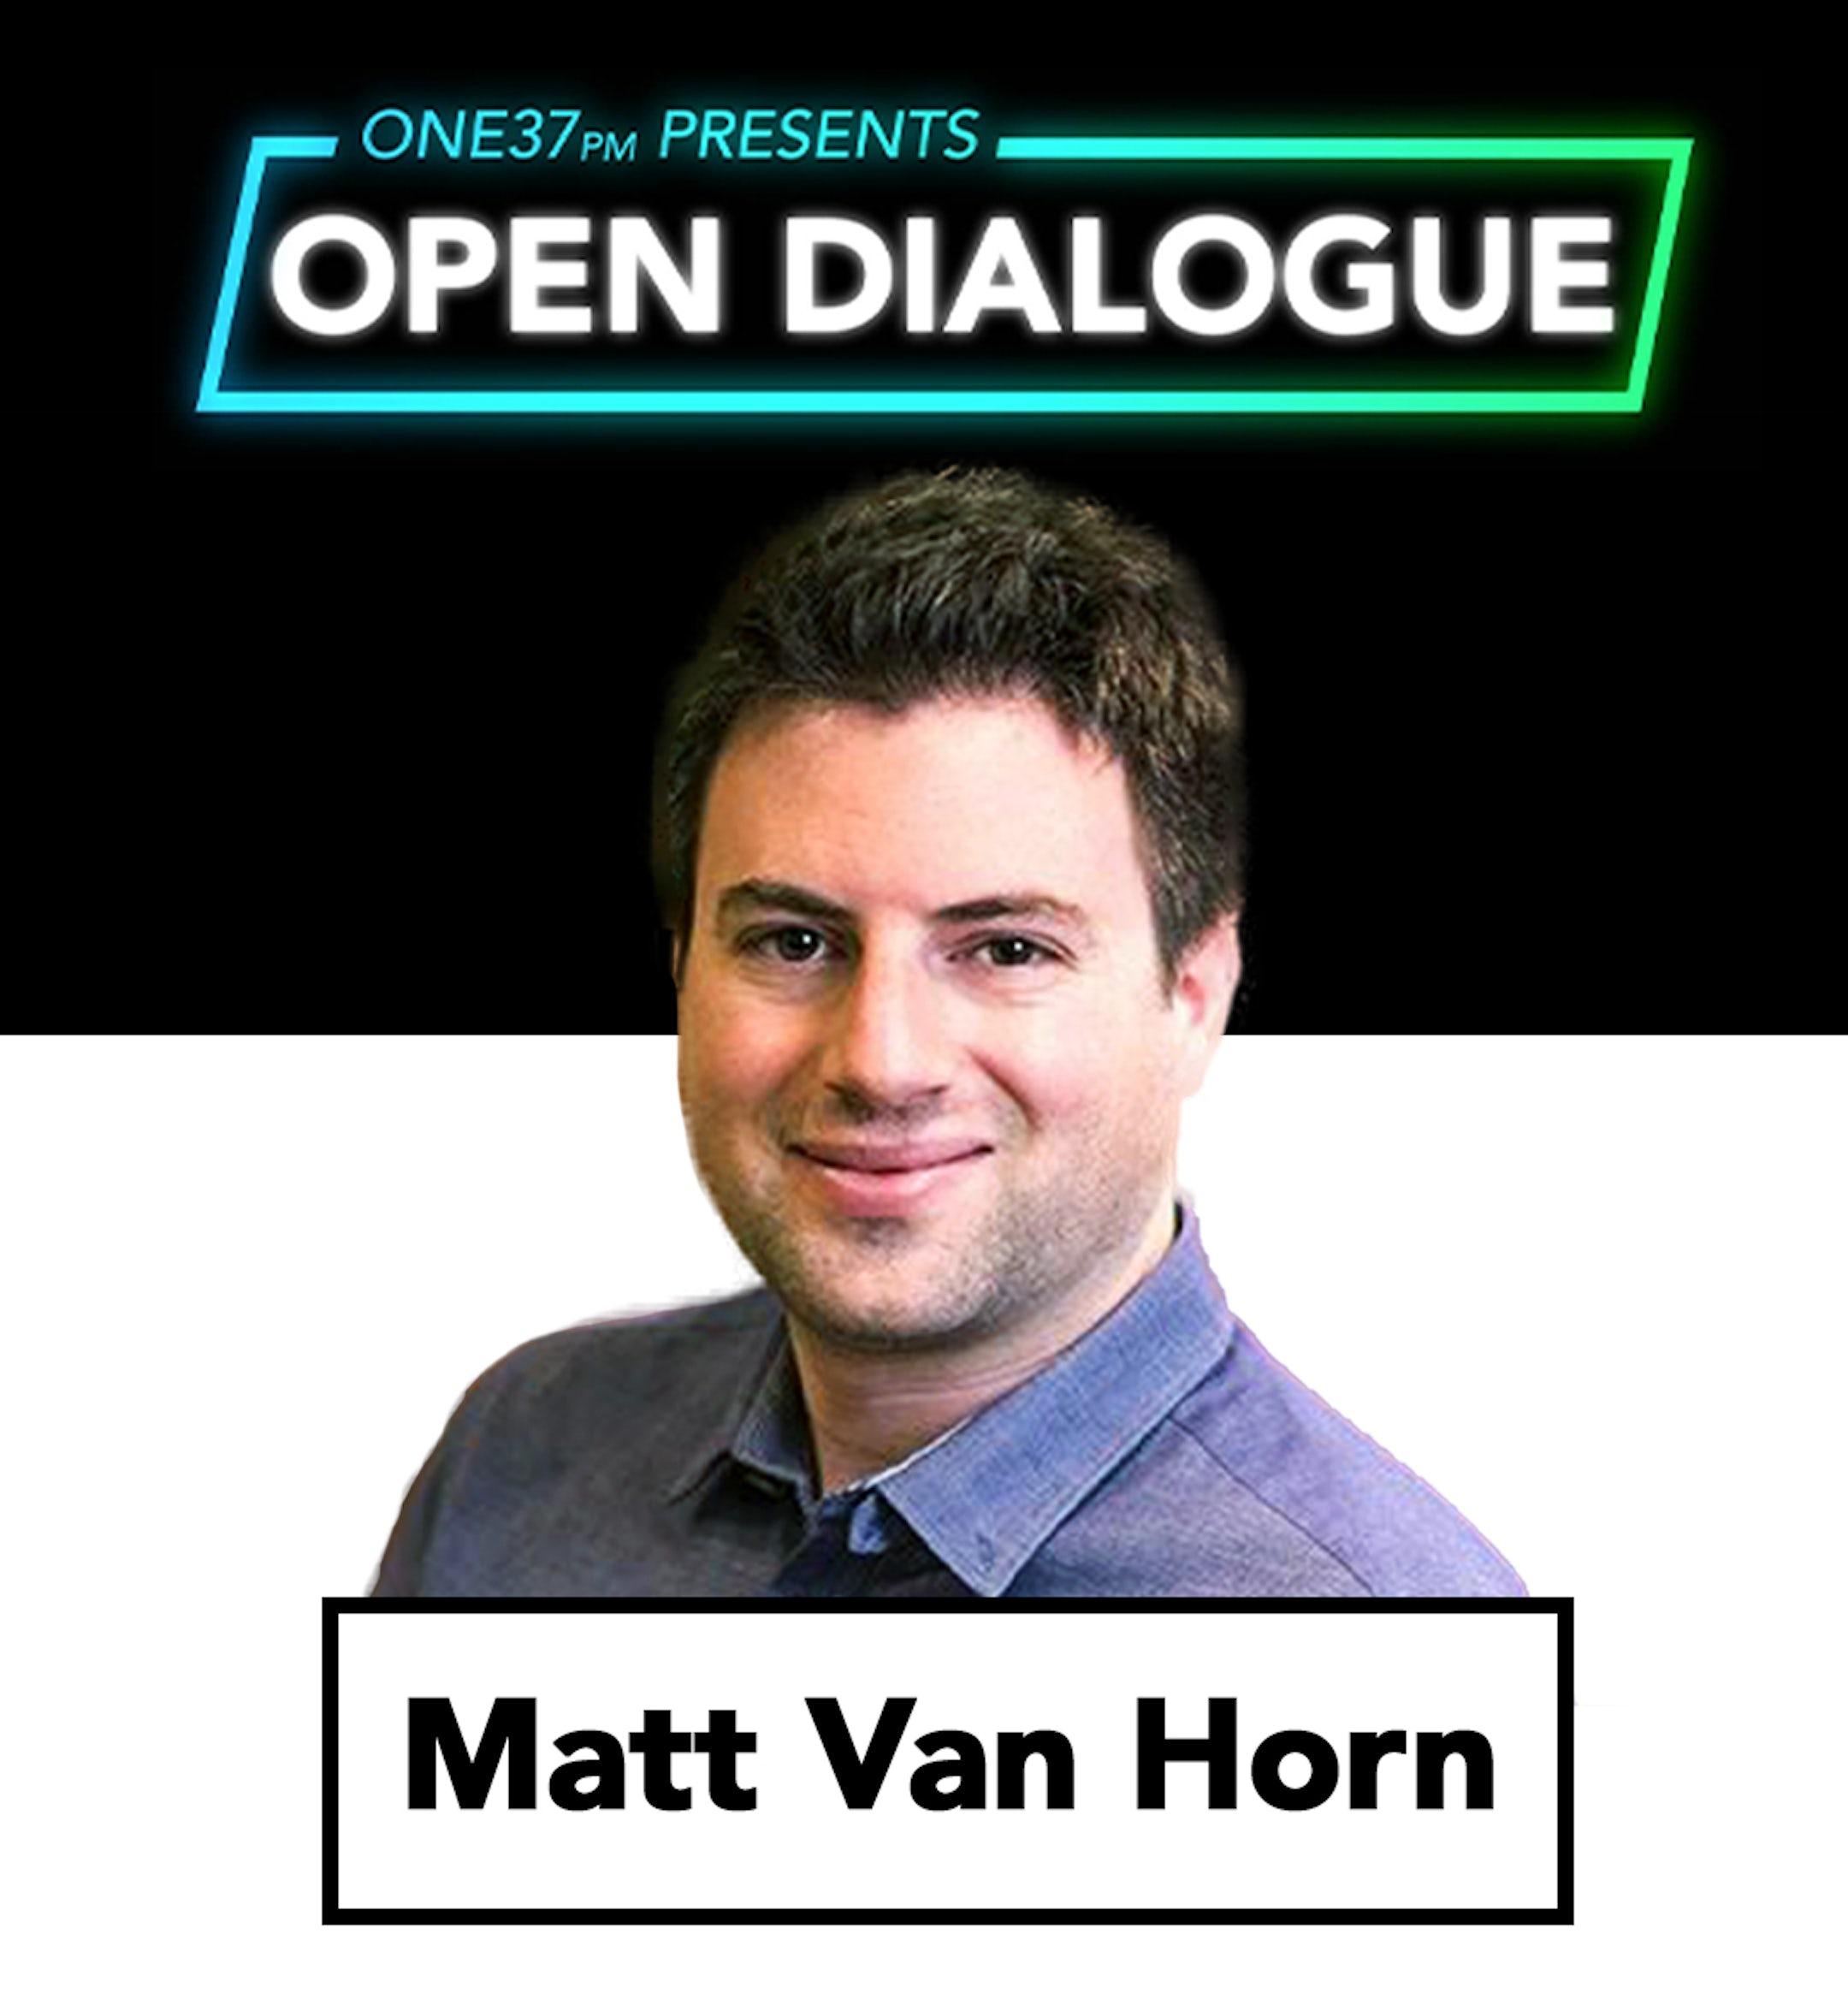 Matt Van Horn Instagram